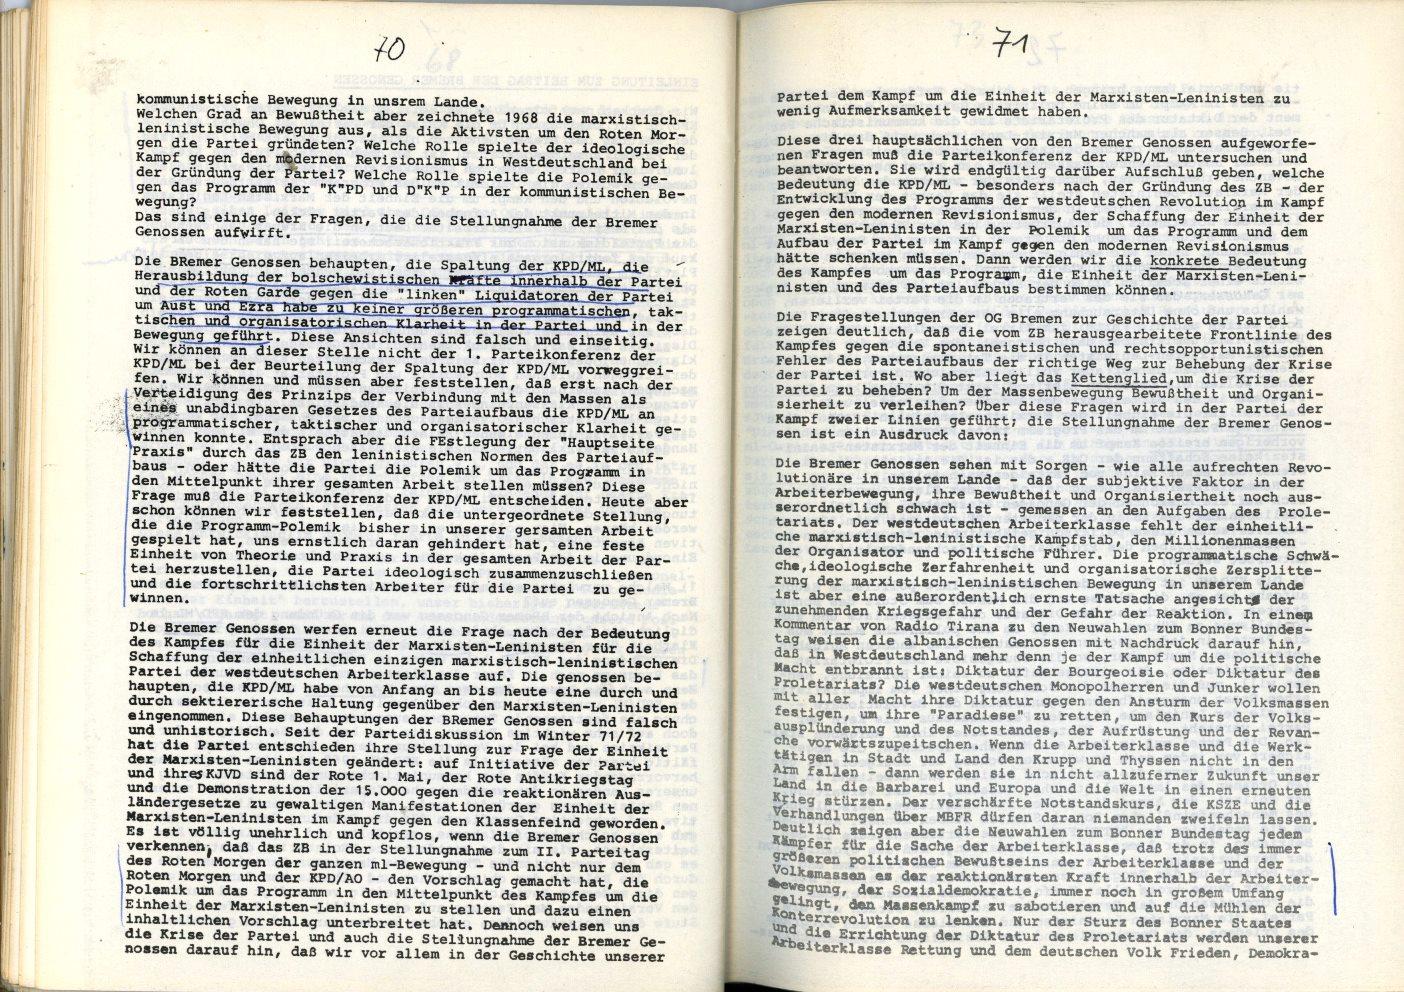 ZB_1972_Diskussionsorgan_zur_ersten_Parteikonferenz_39